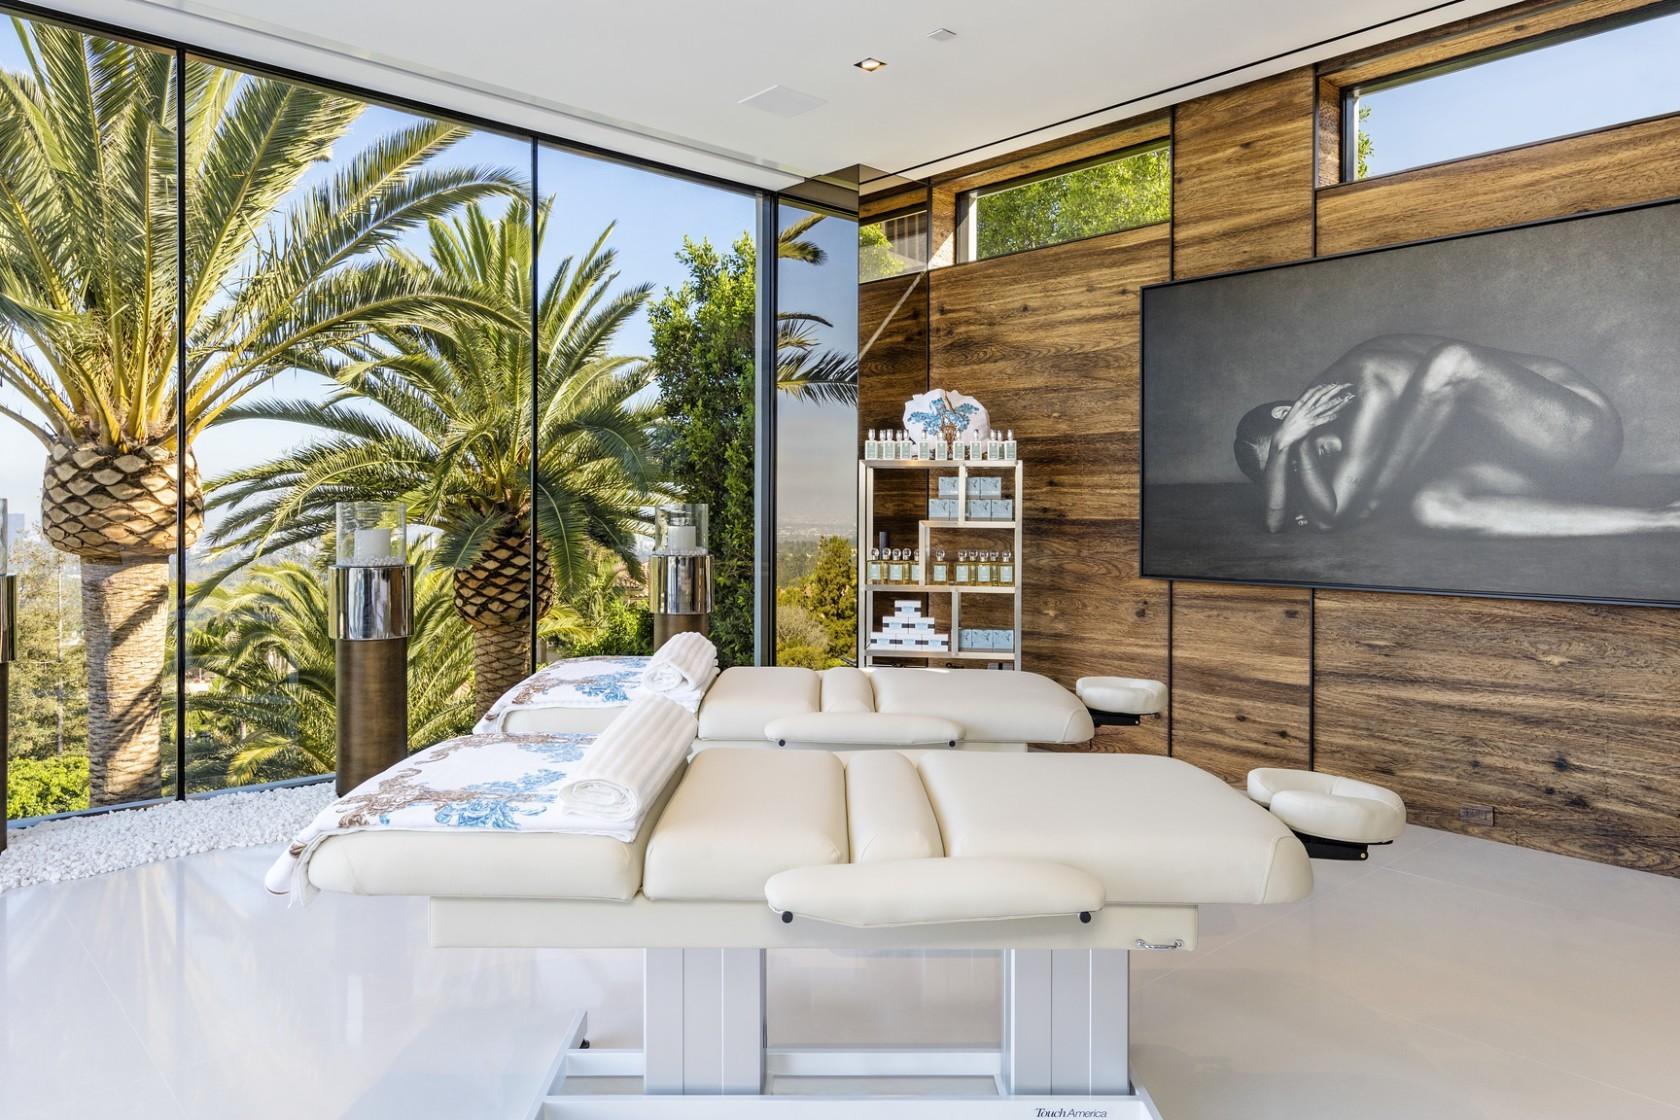 Traumhaus in Bel Air: Dieses $250 Millionen Dollar Anwesen wechselt für $94 Millionen den Besitzer 8